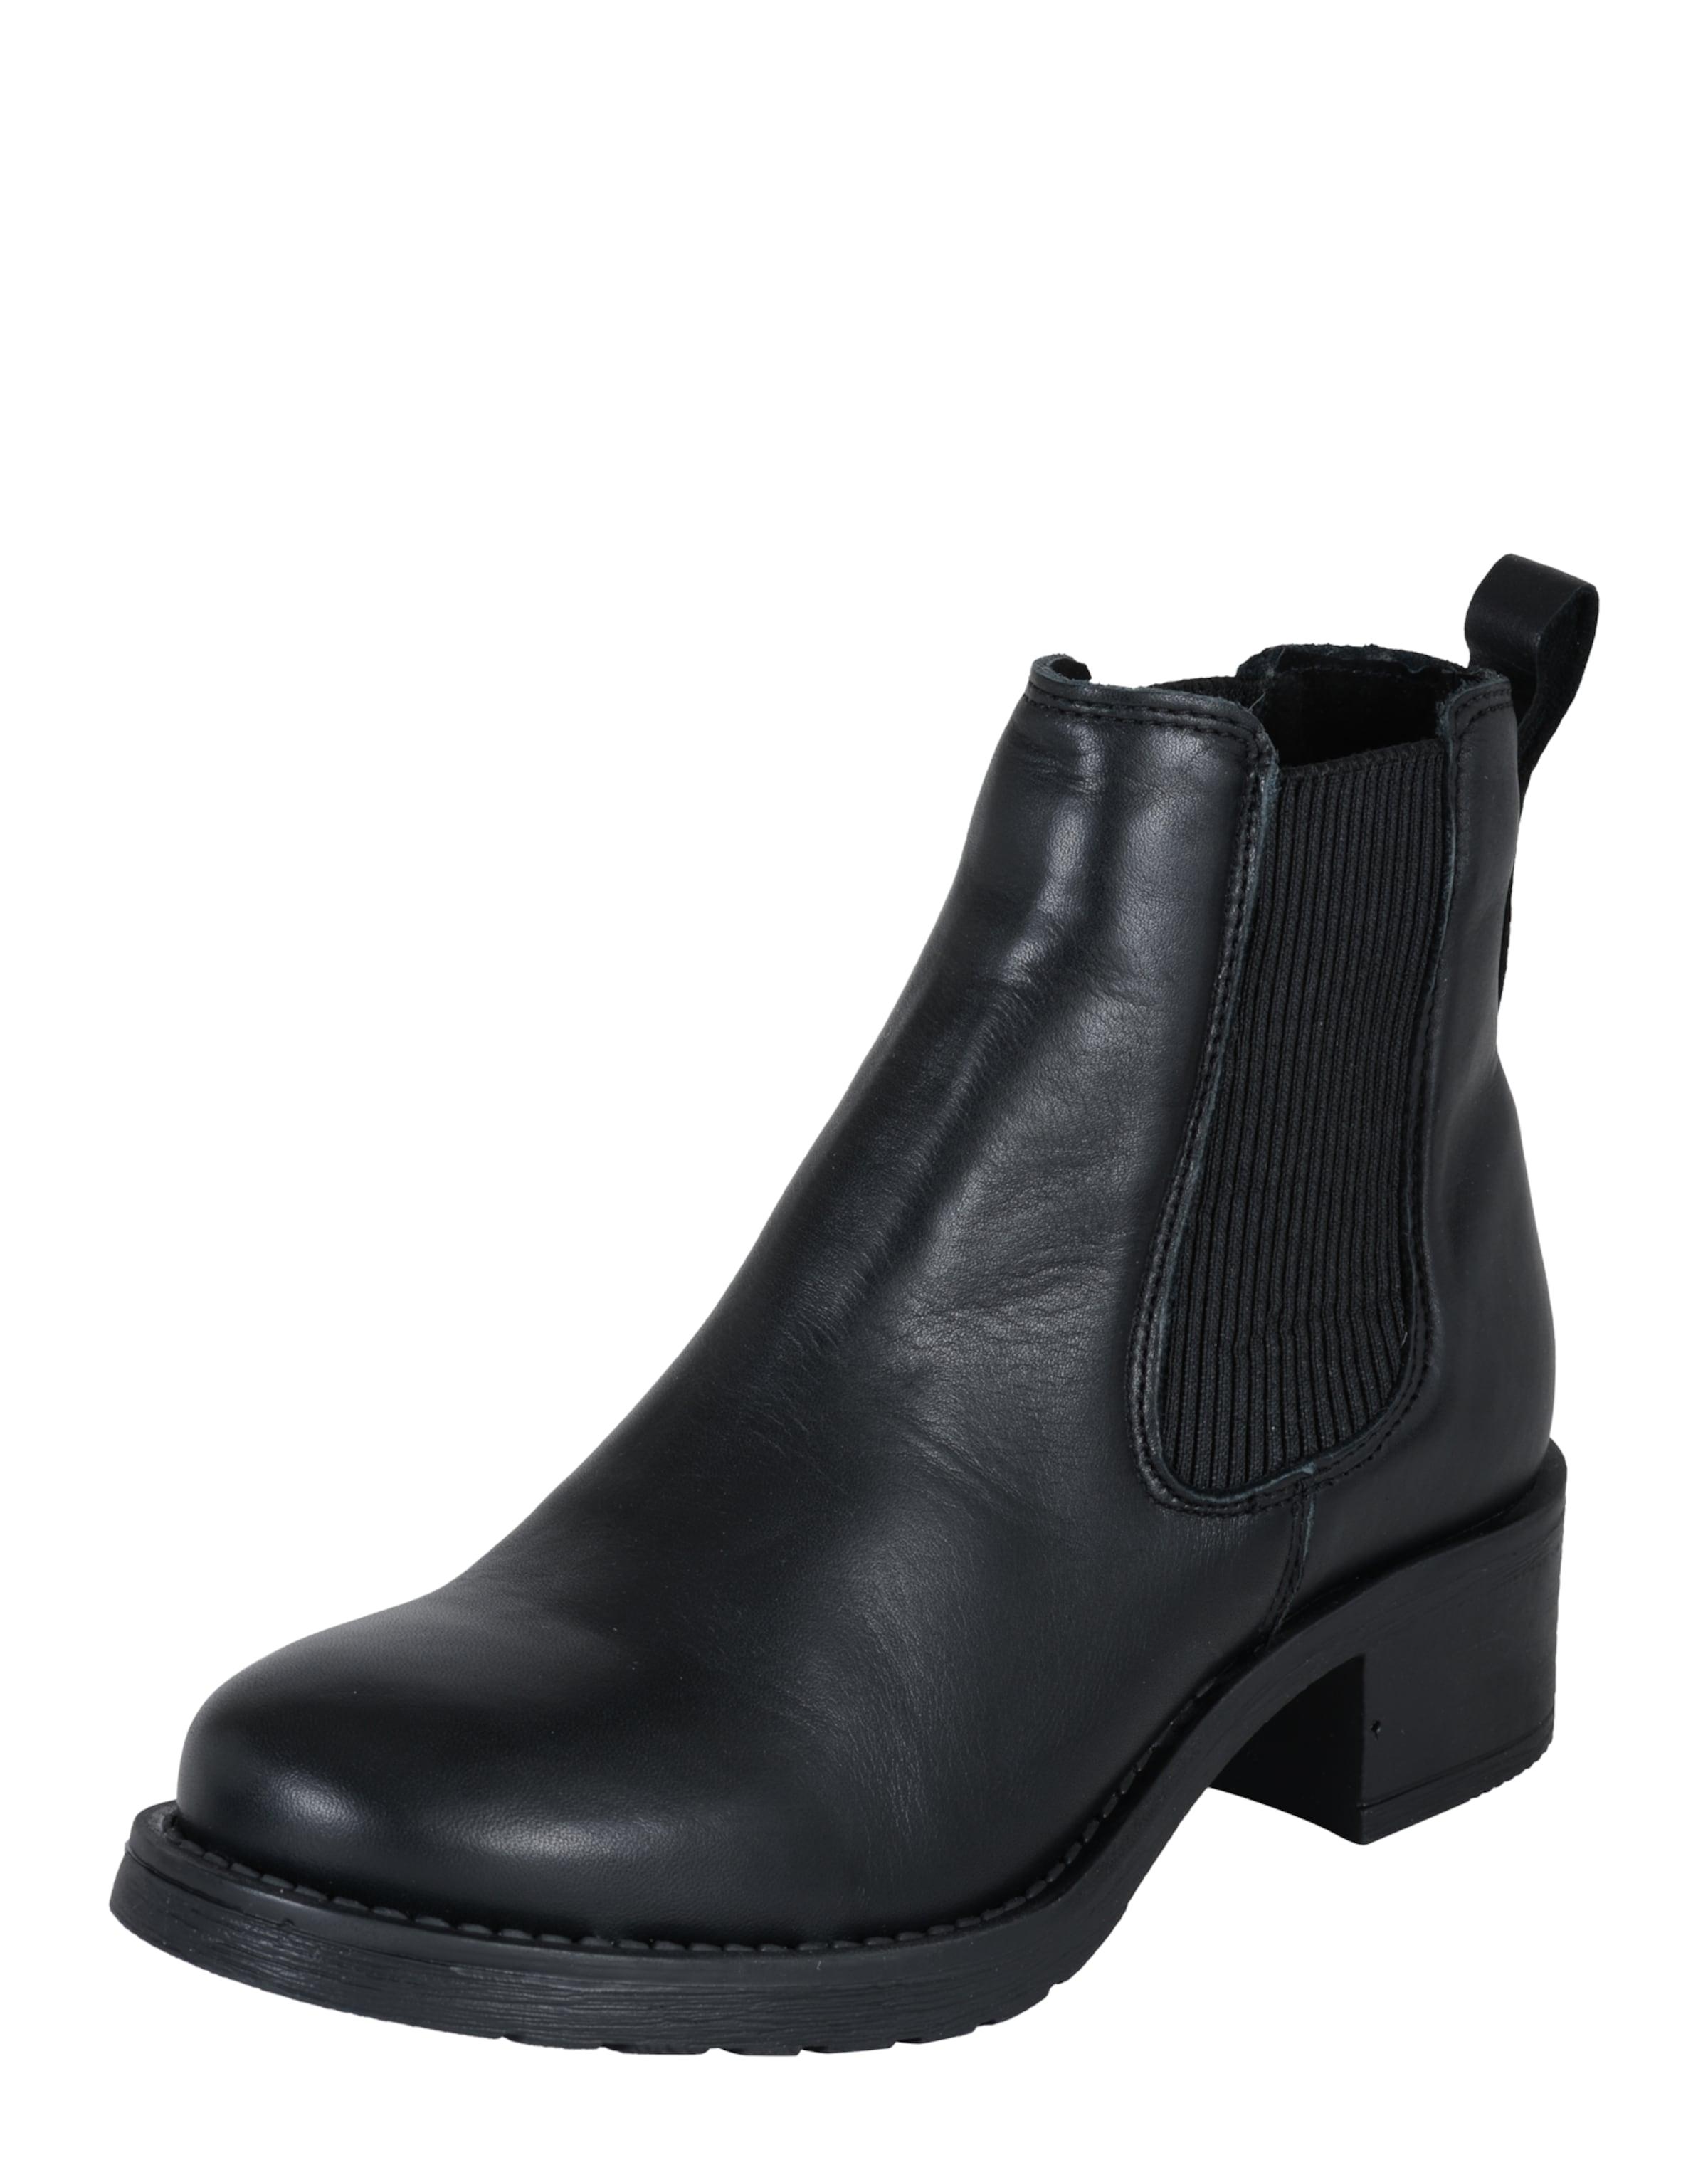 Haltbare Mode billige Schuhe Schuhe PAVEMENT   Chelsea-Boots 'Christina' Schuhe Schuhe Gut getragene Schuhe c2e236